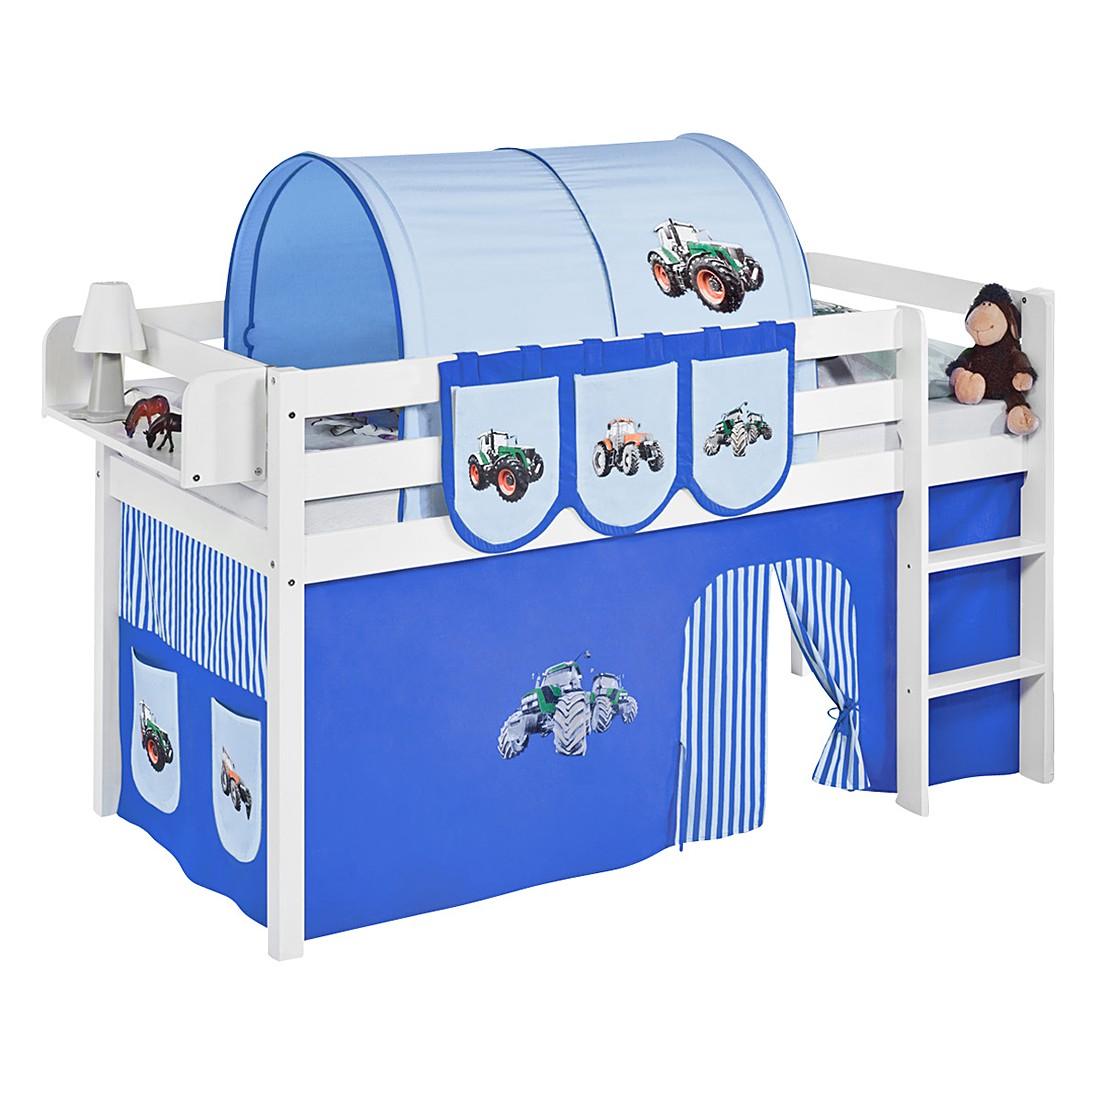 spielbett jelle trecker blau hochbett lilokids mit vorhang wei. Black Bedroom Furniture Sets. Home Design Ideas